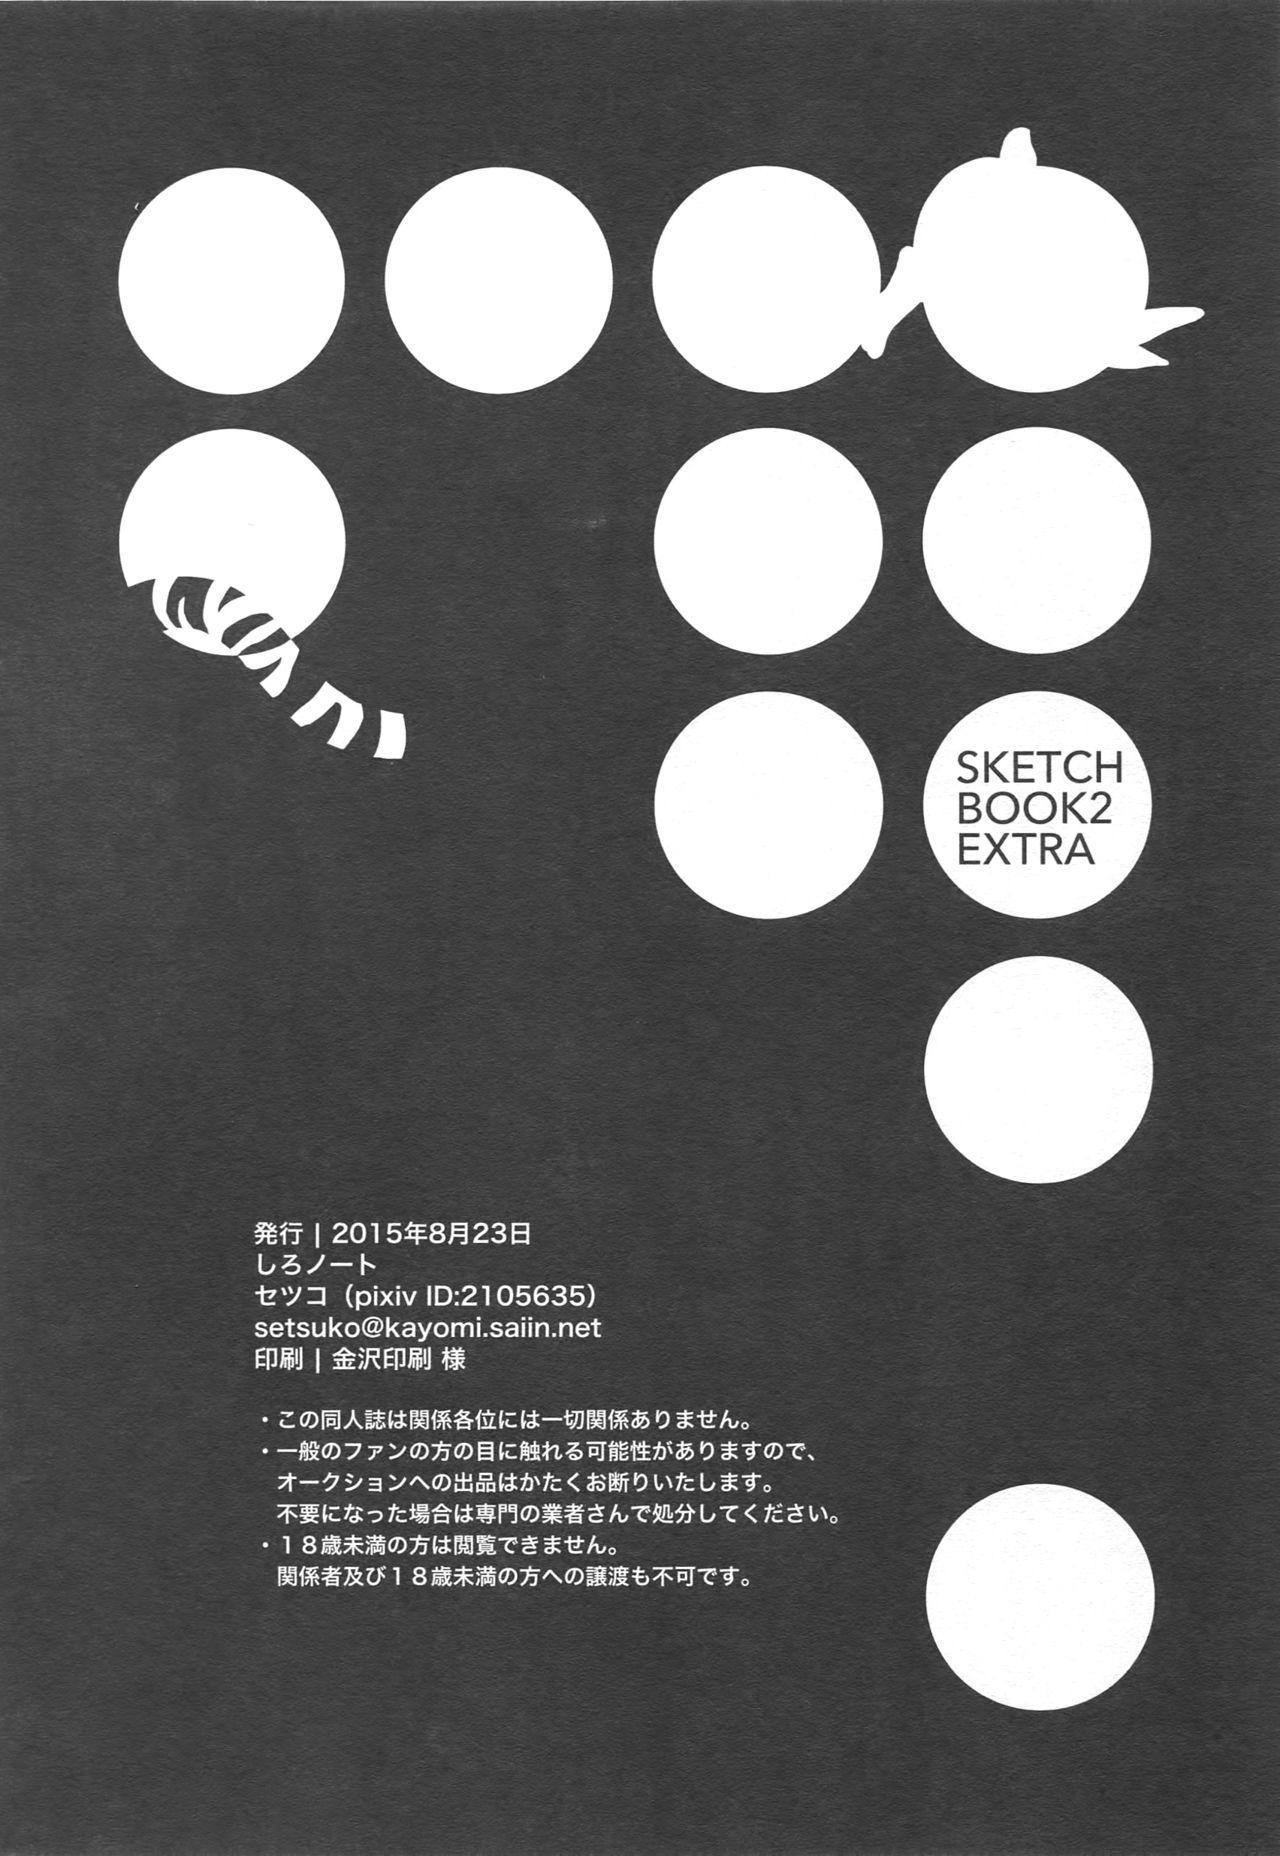 SKETCHBOOK 2 EXTRA 24